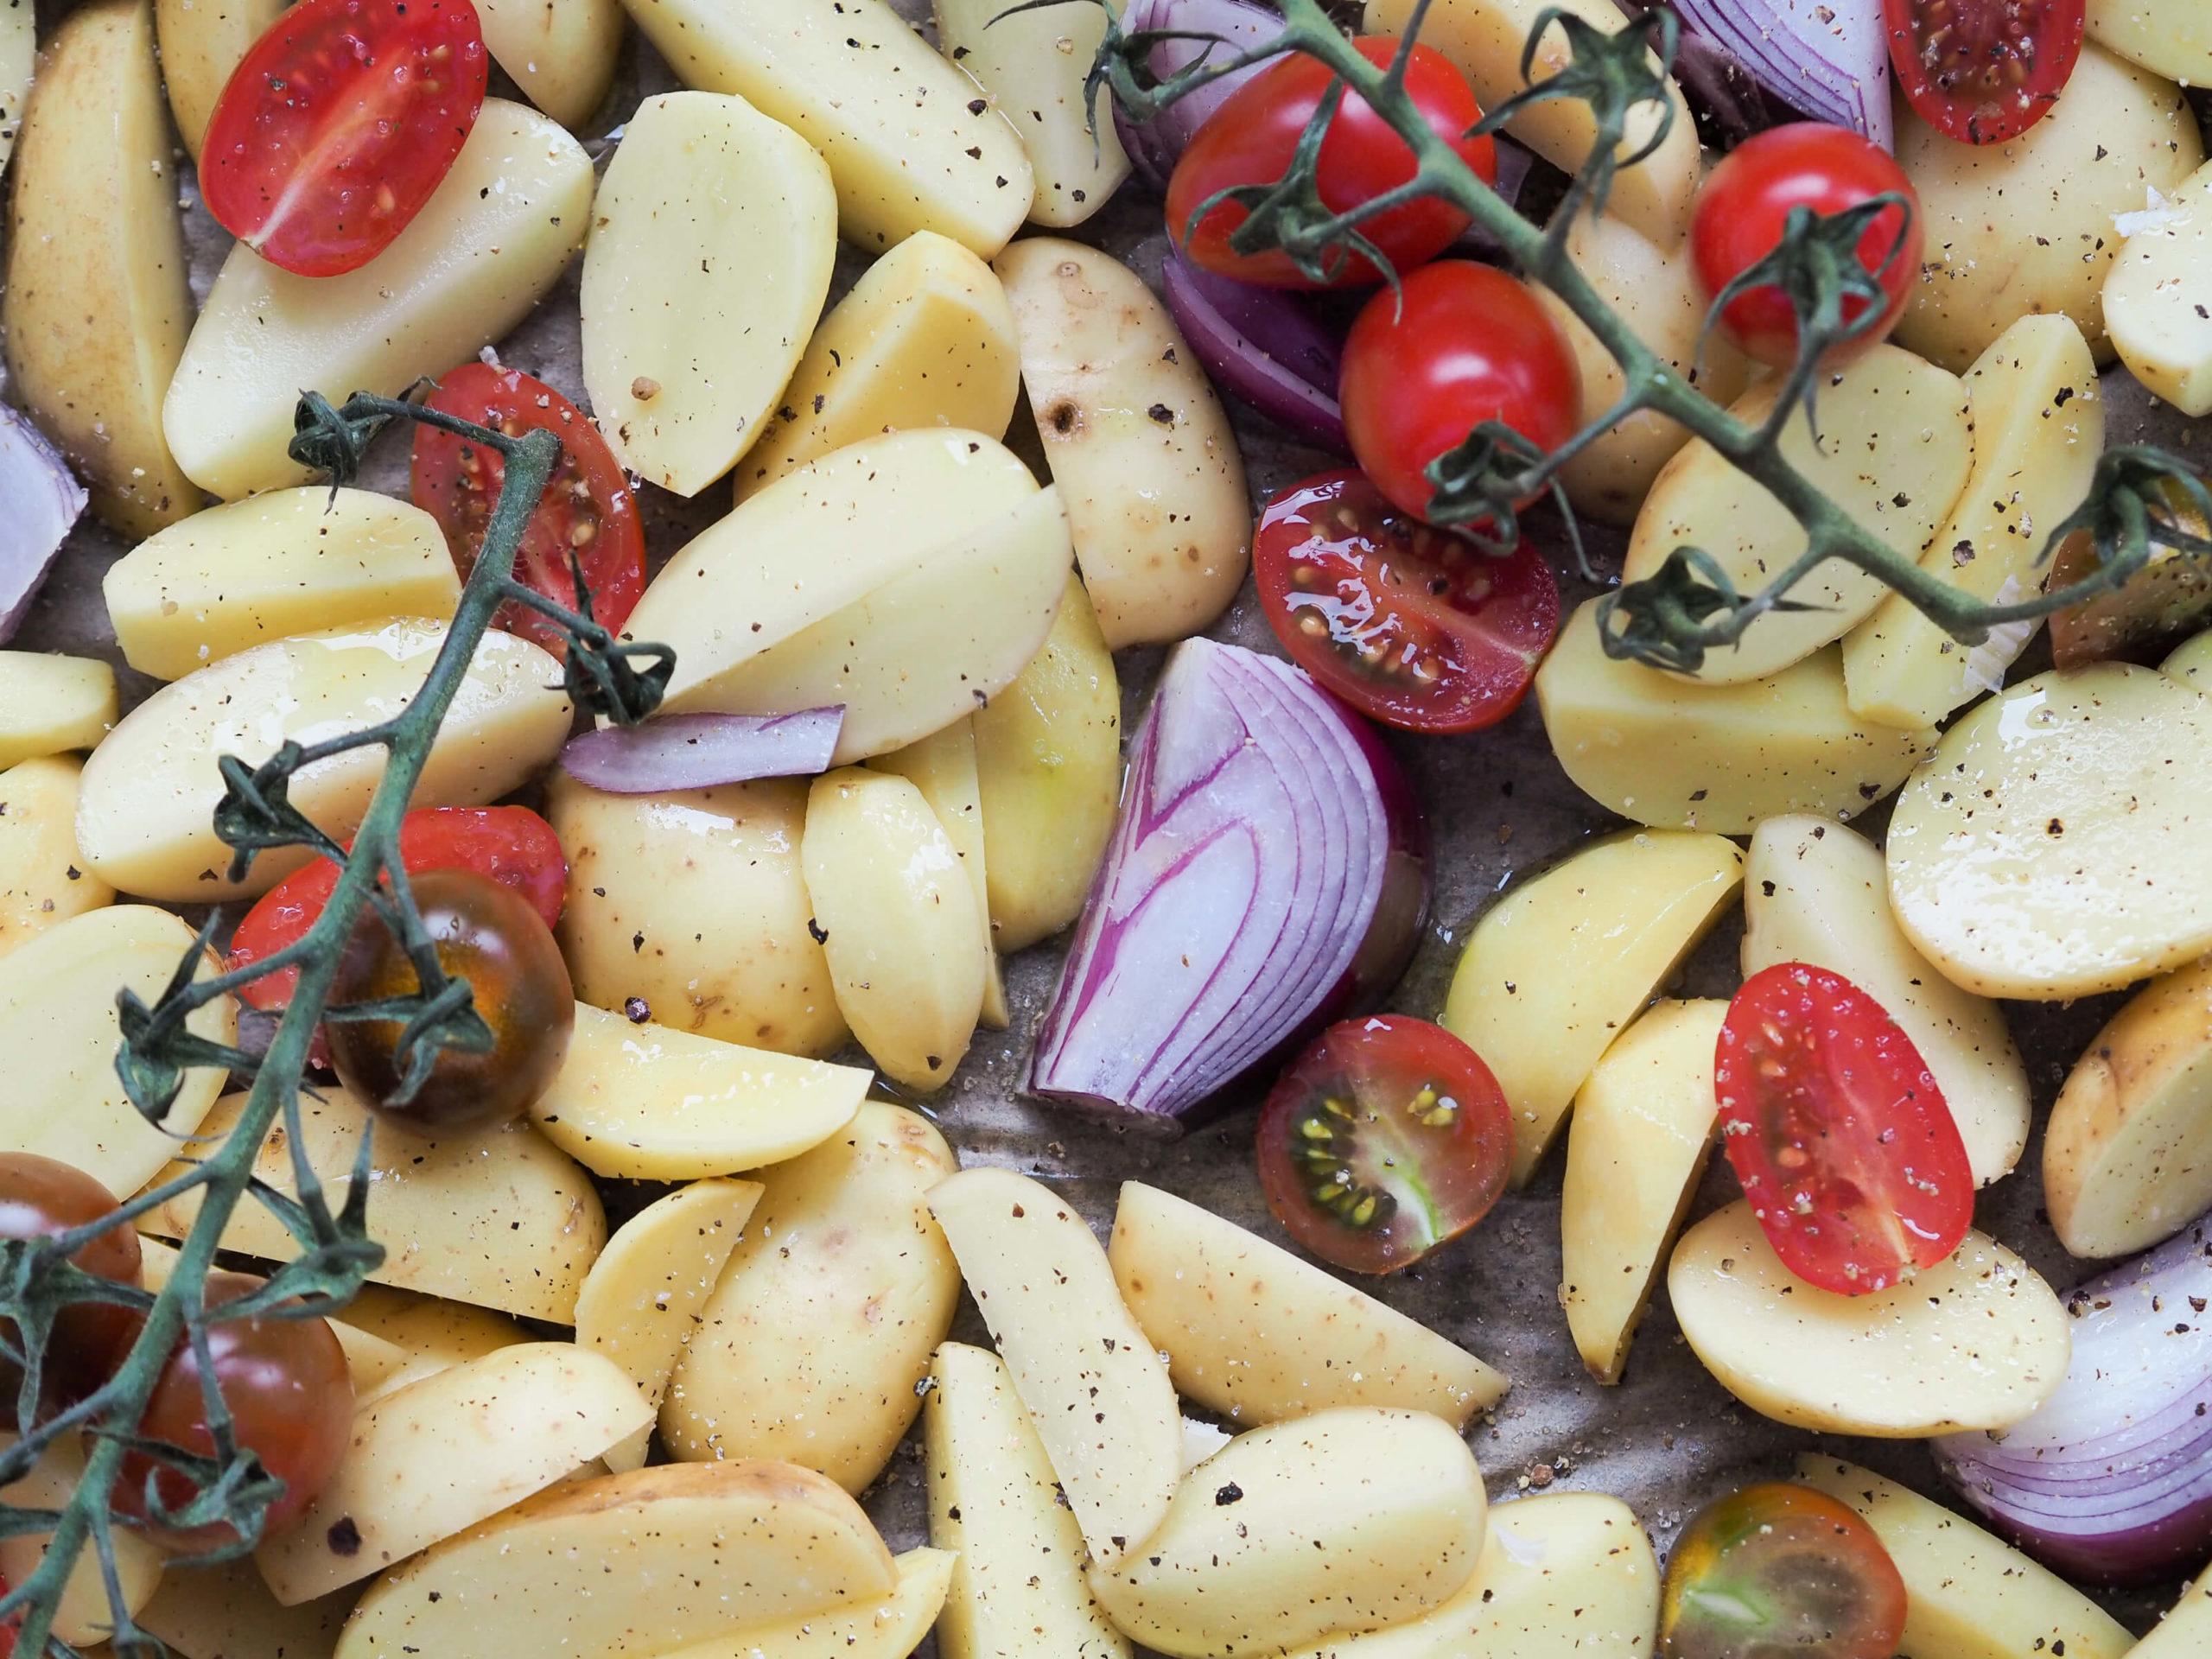 Ofenkartoffeln |Rote Zwiebeln |Knoblauch |Schmorrtomaten